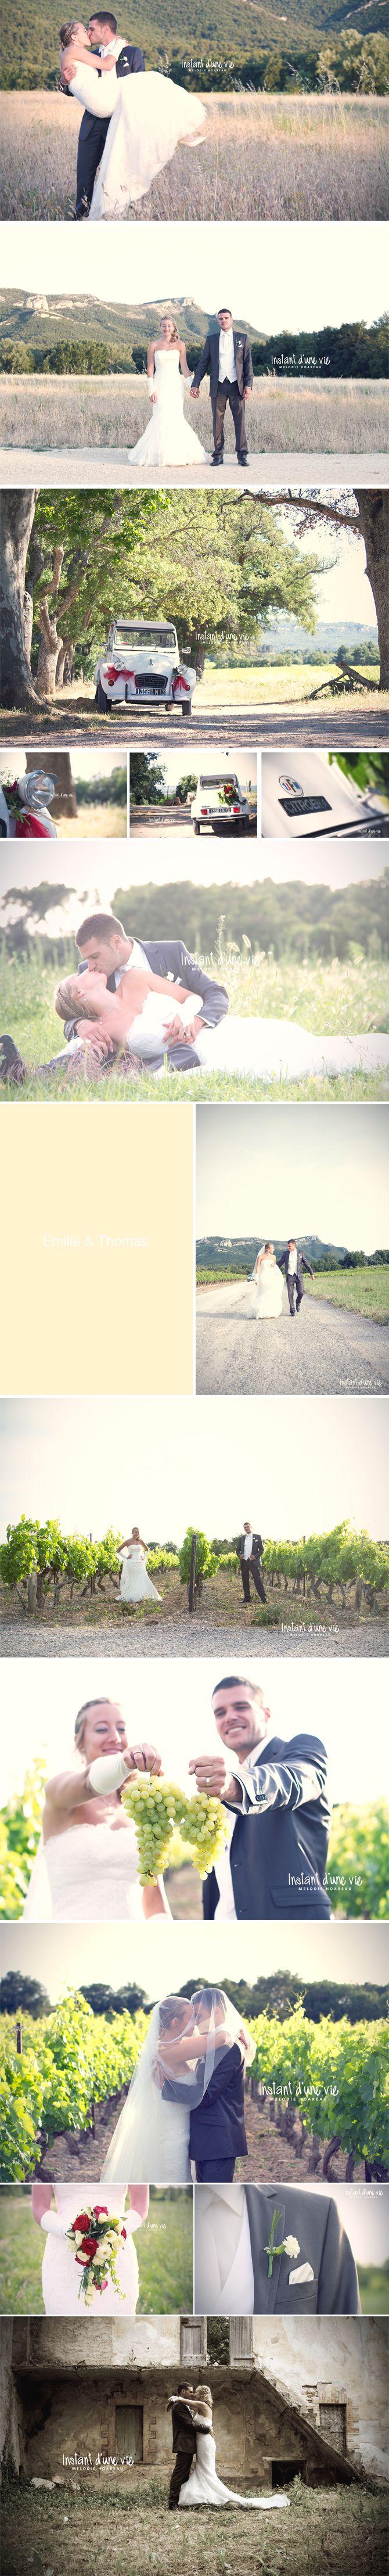 #wedding #wedding photographer